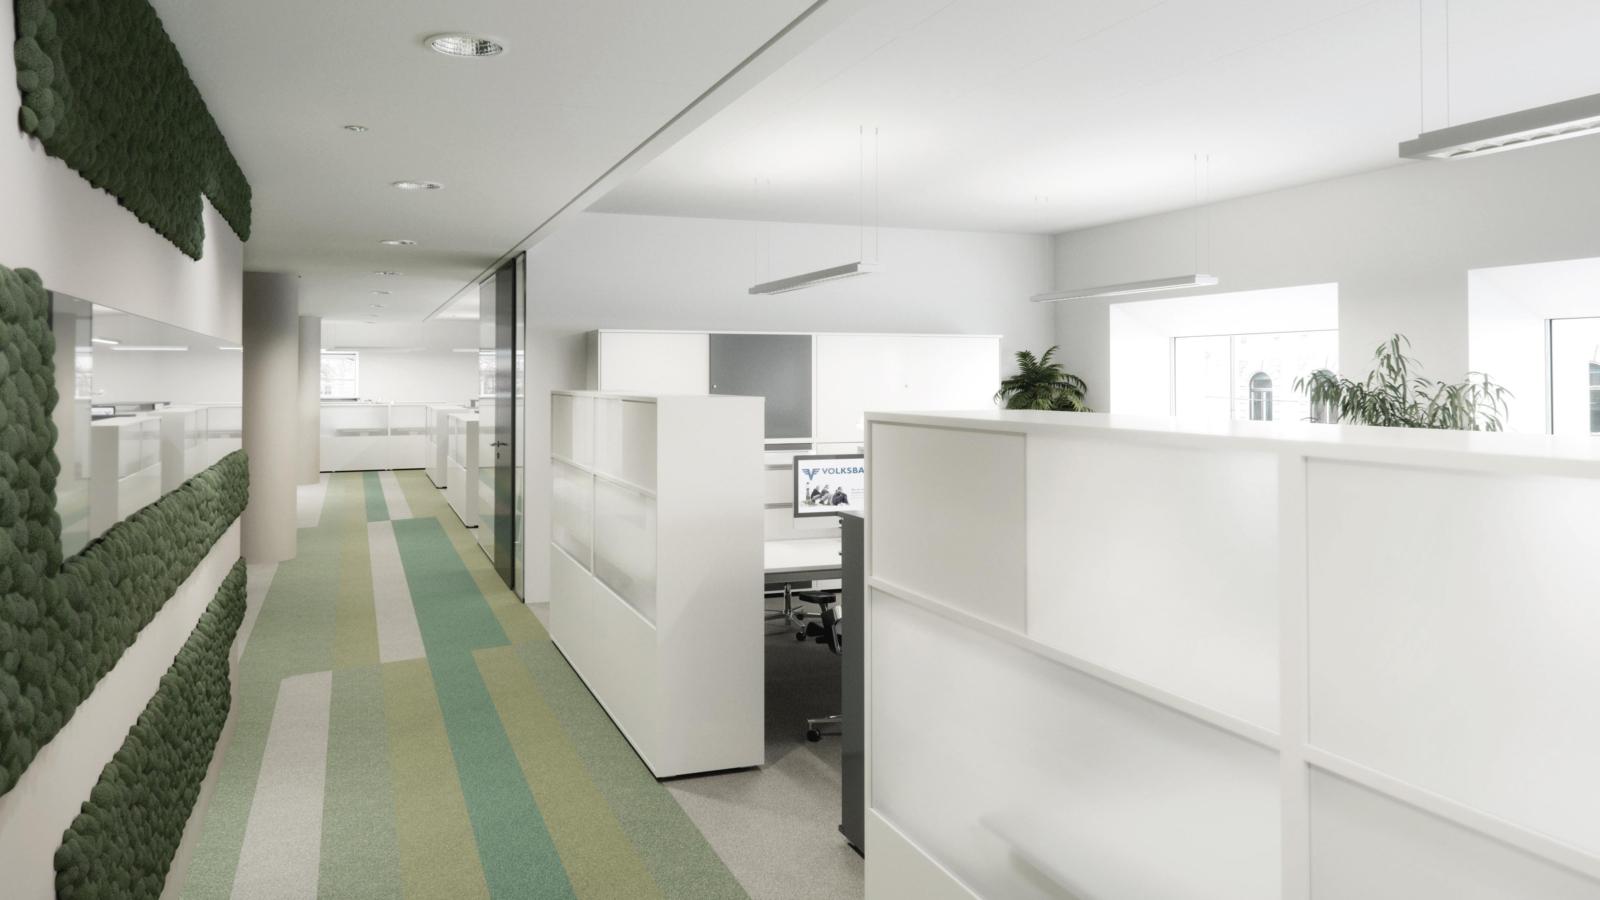 officespace volksbank_schaubild02